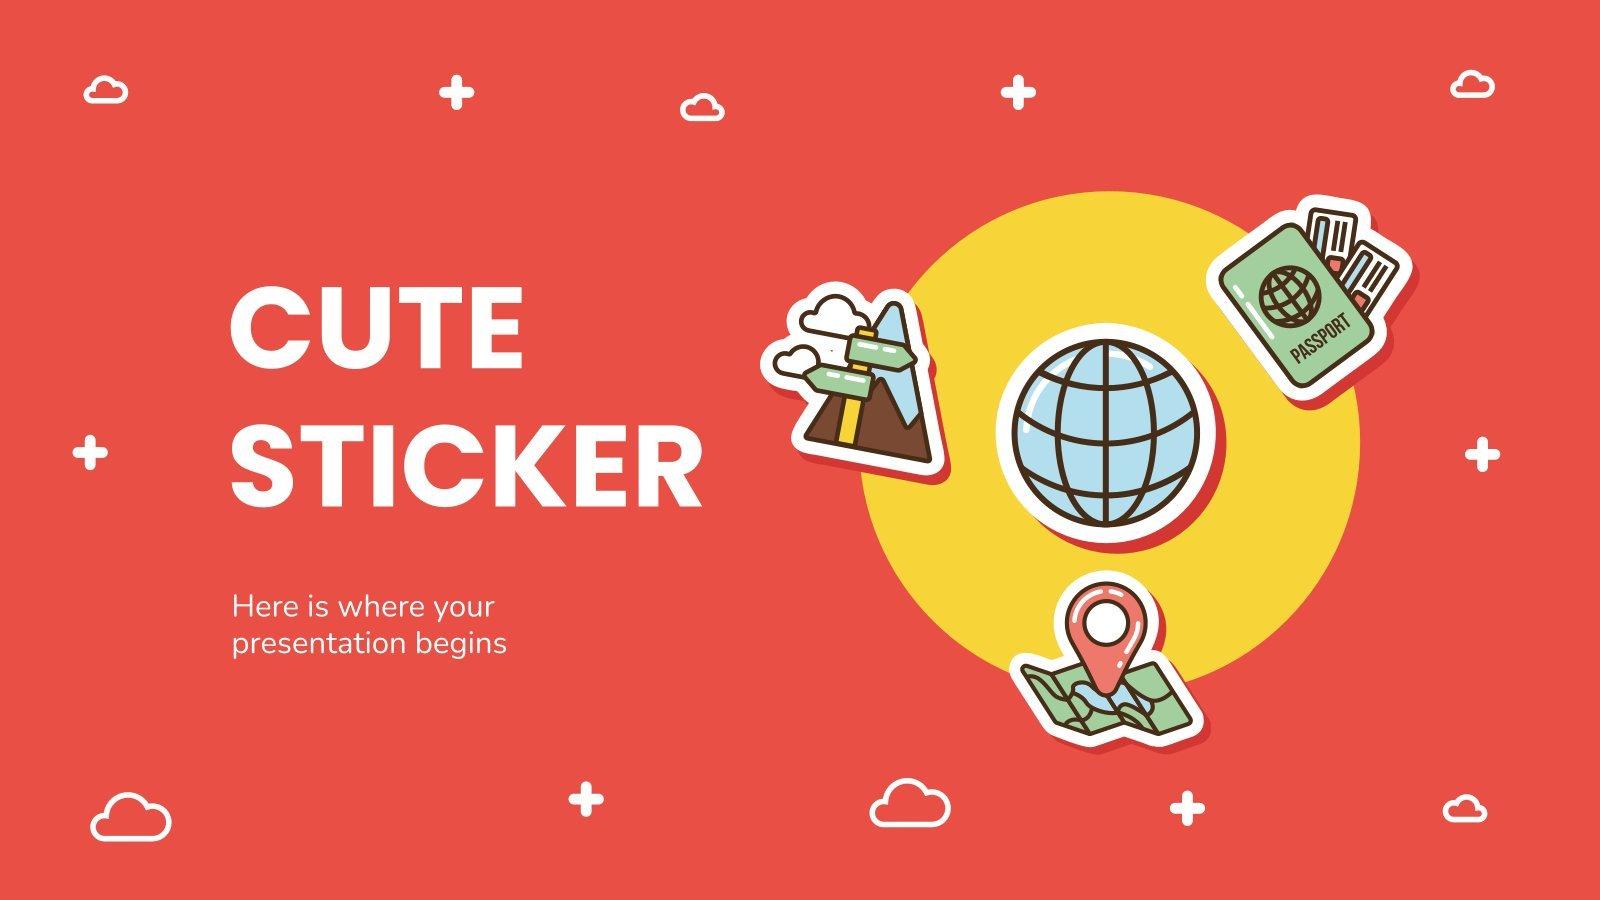 Cute Sticker presentation template